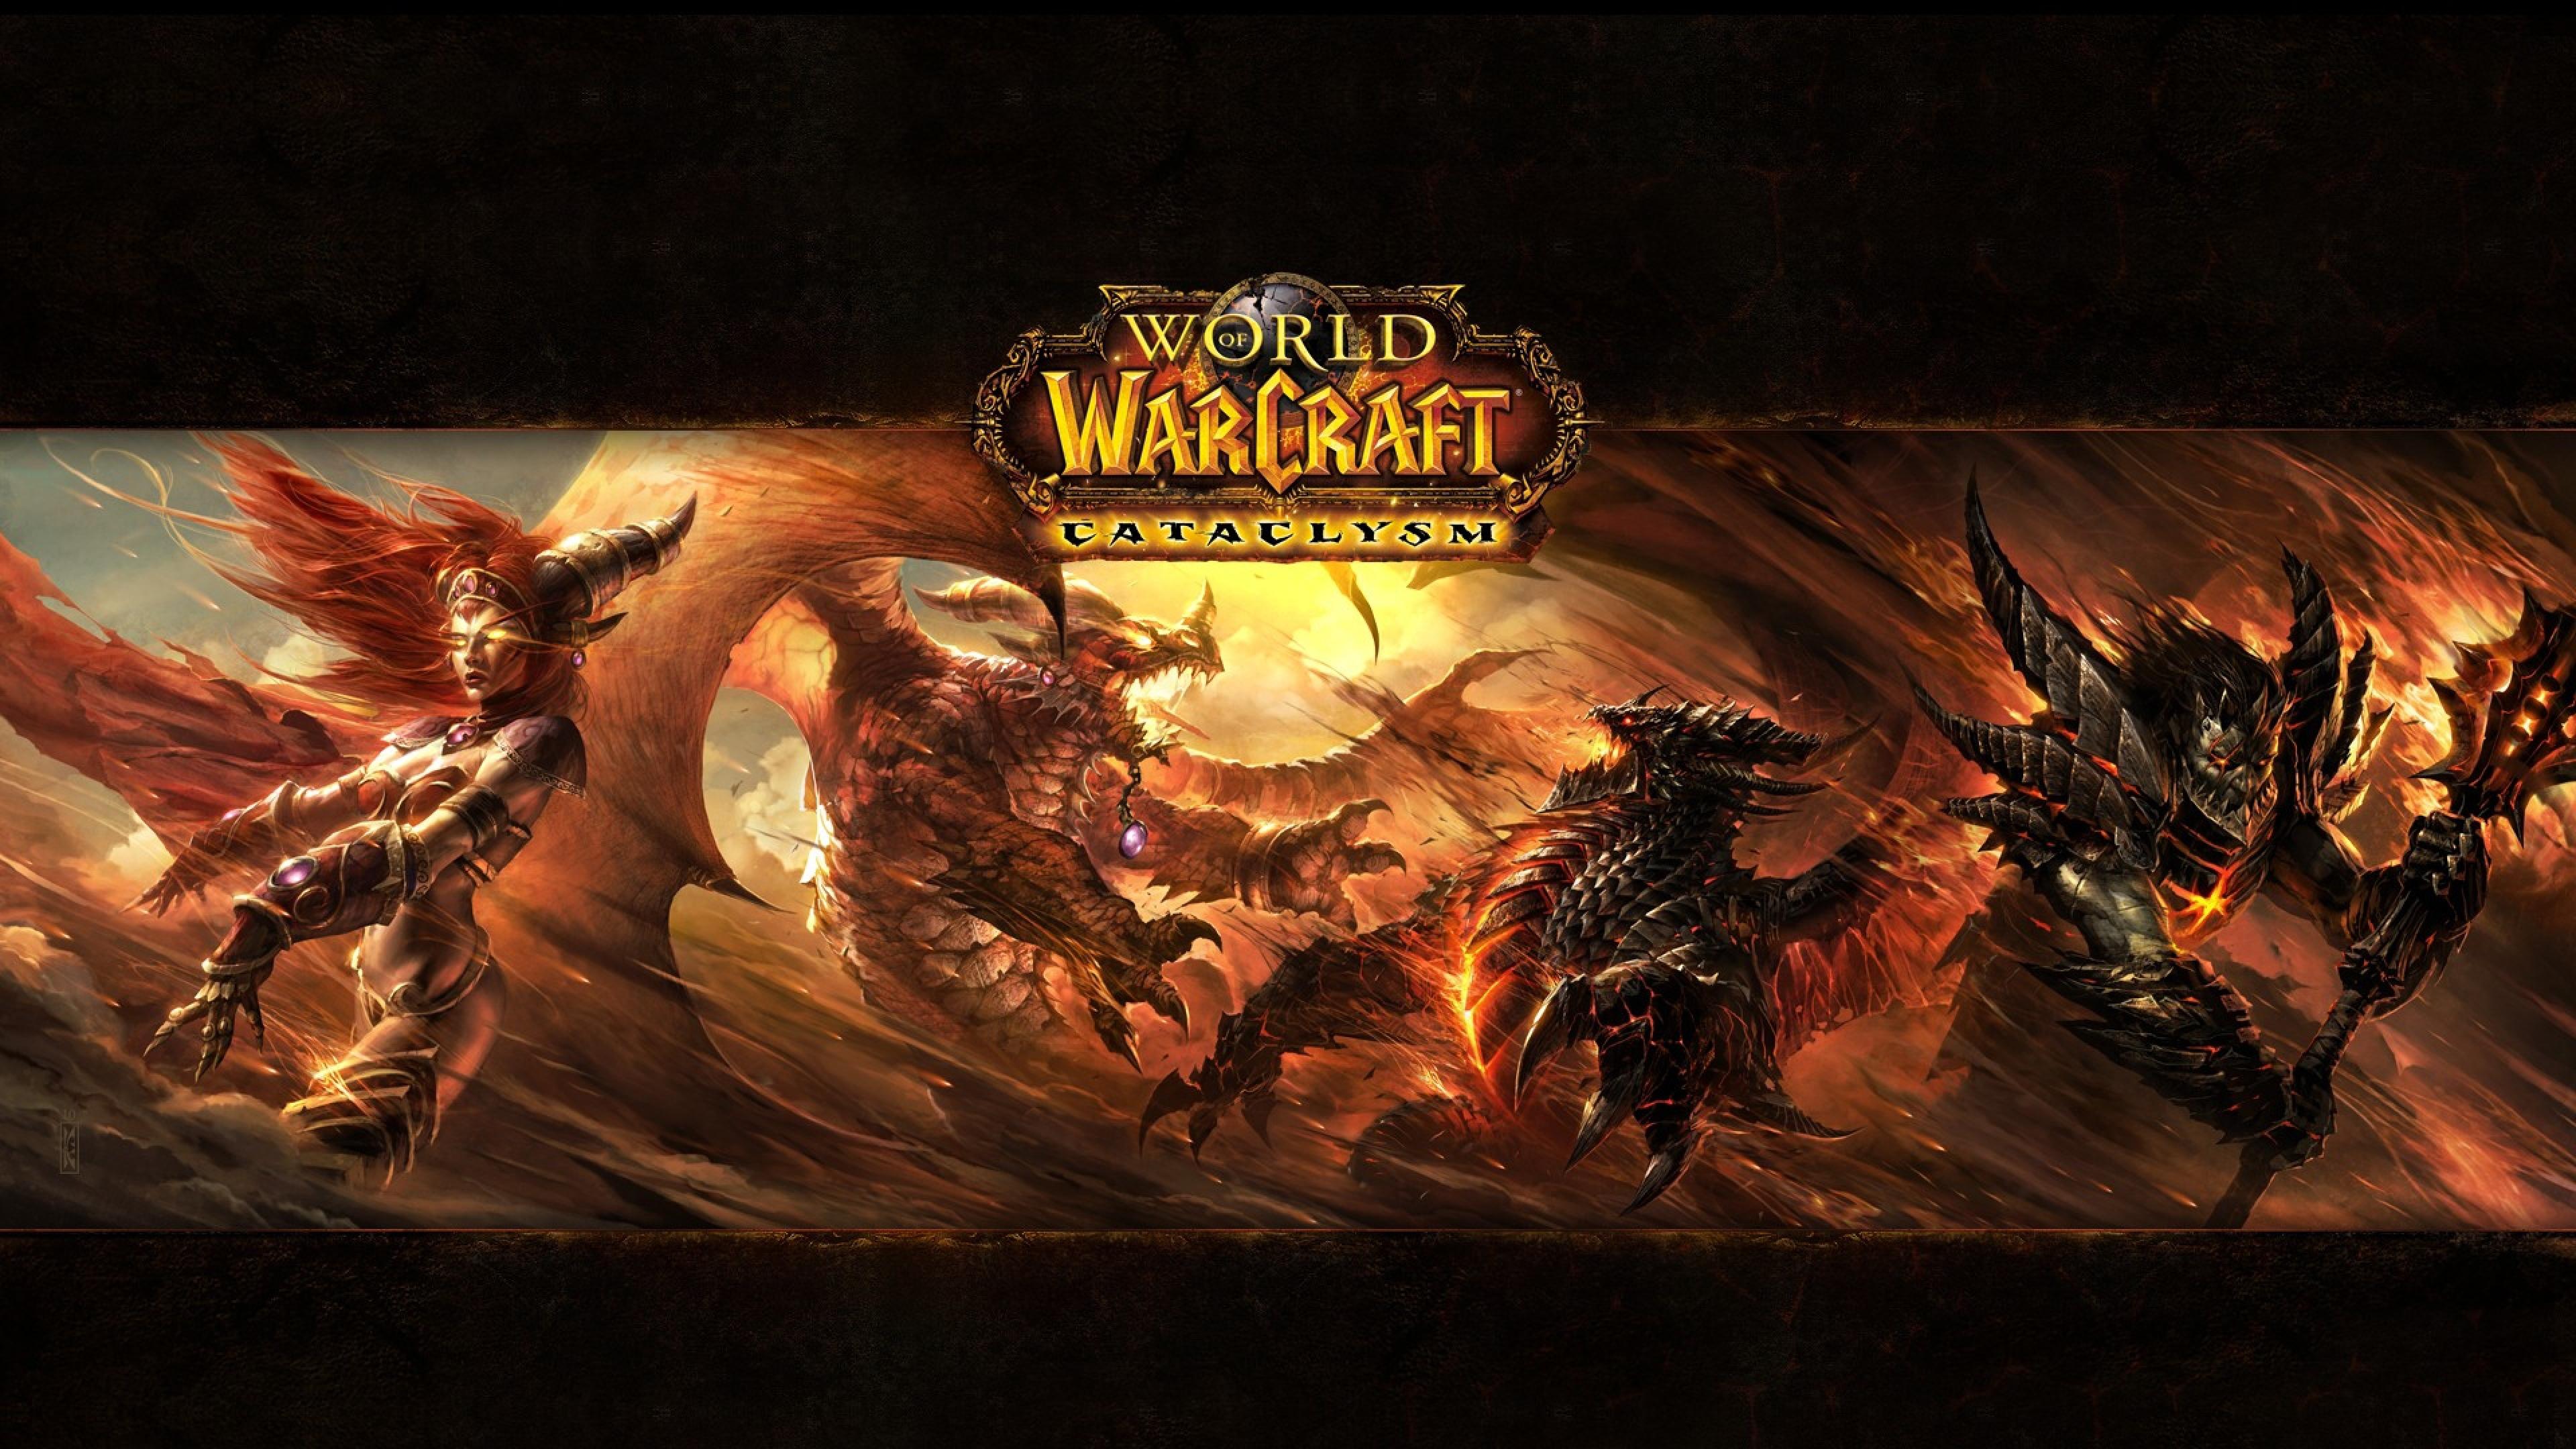 3840x2160 Wallpaper world of warcraft cataclysm monsters fire 3840x2160